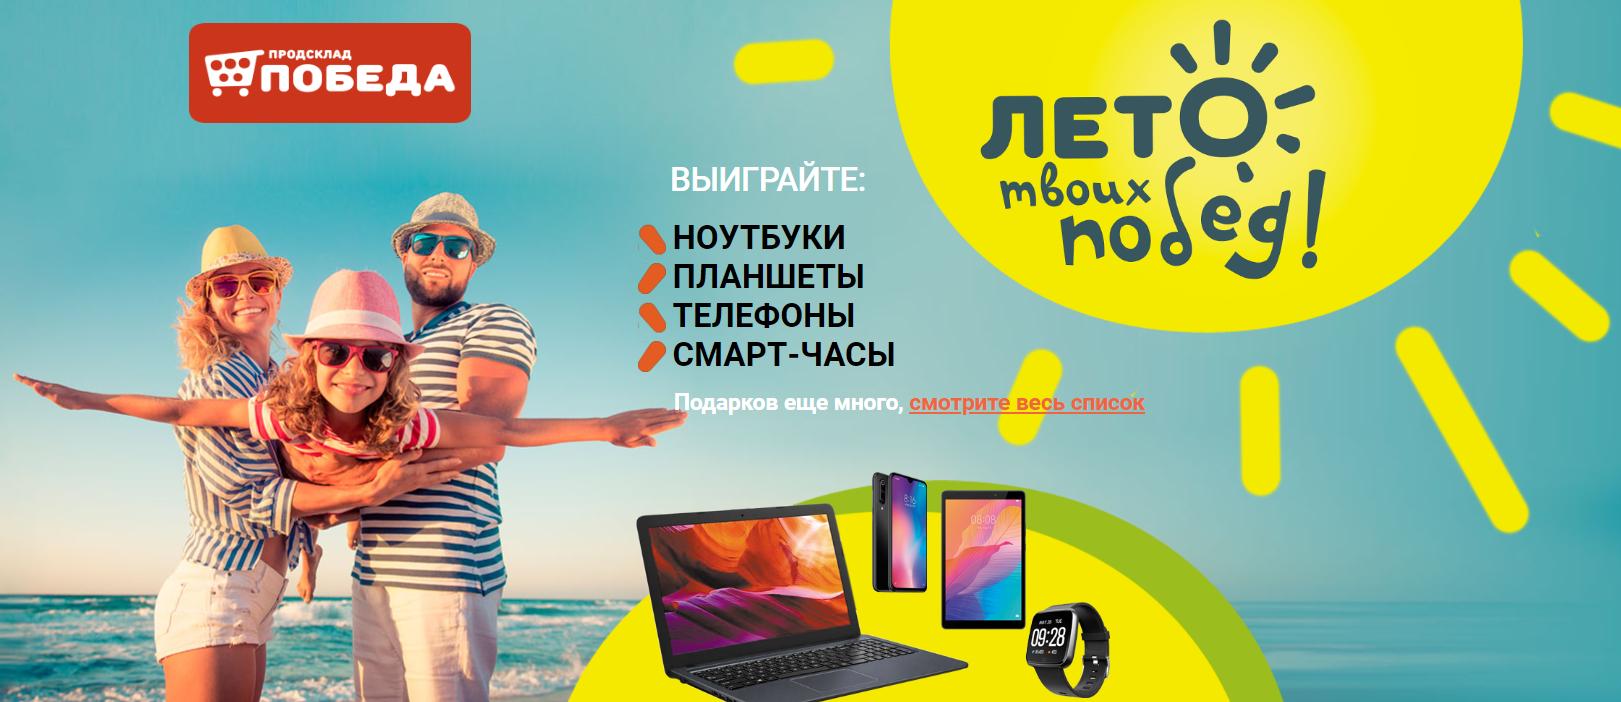 Акция магазинпобеда2020.рф